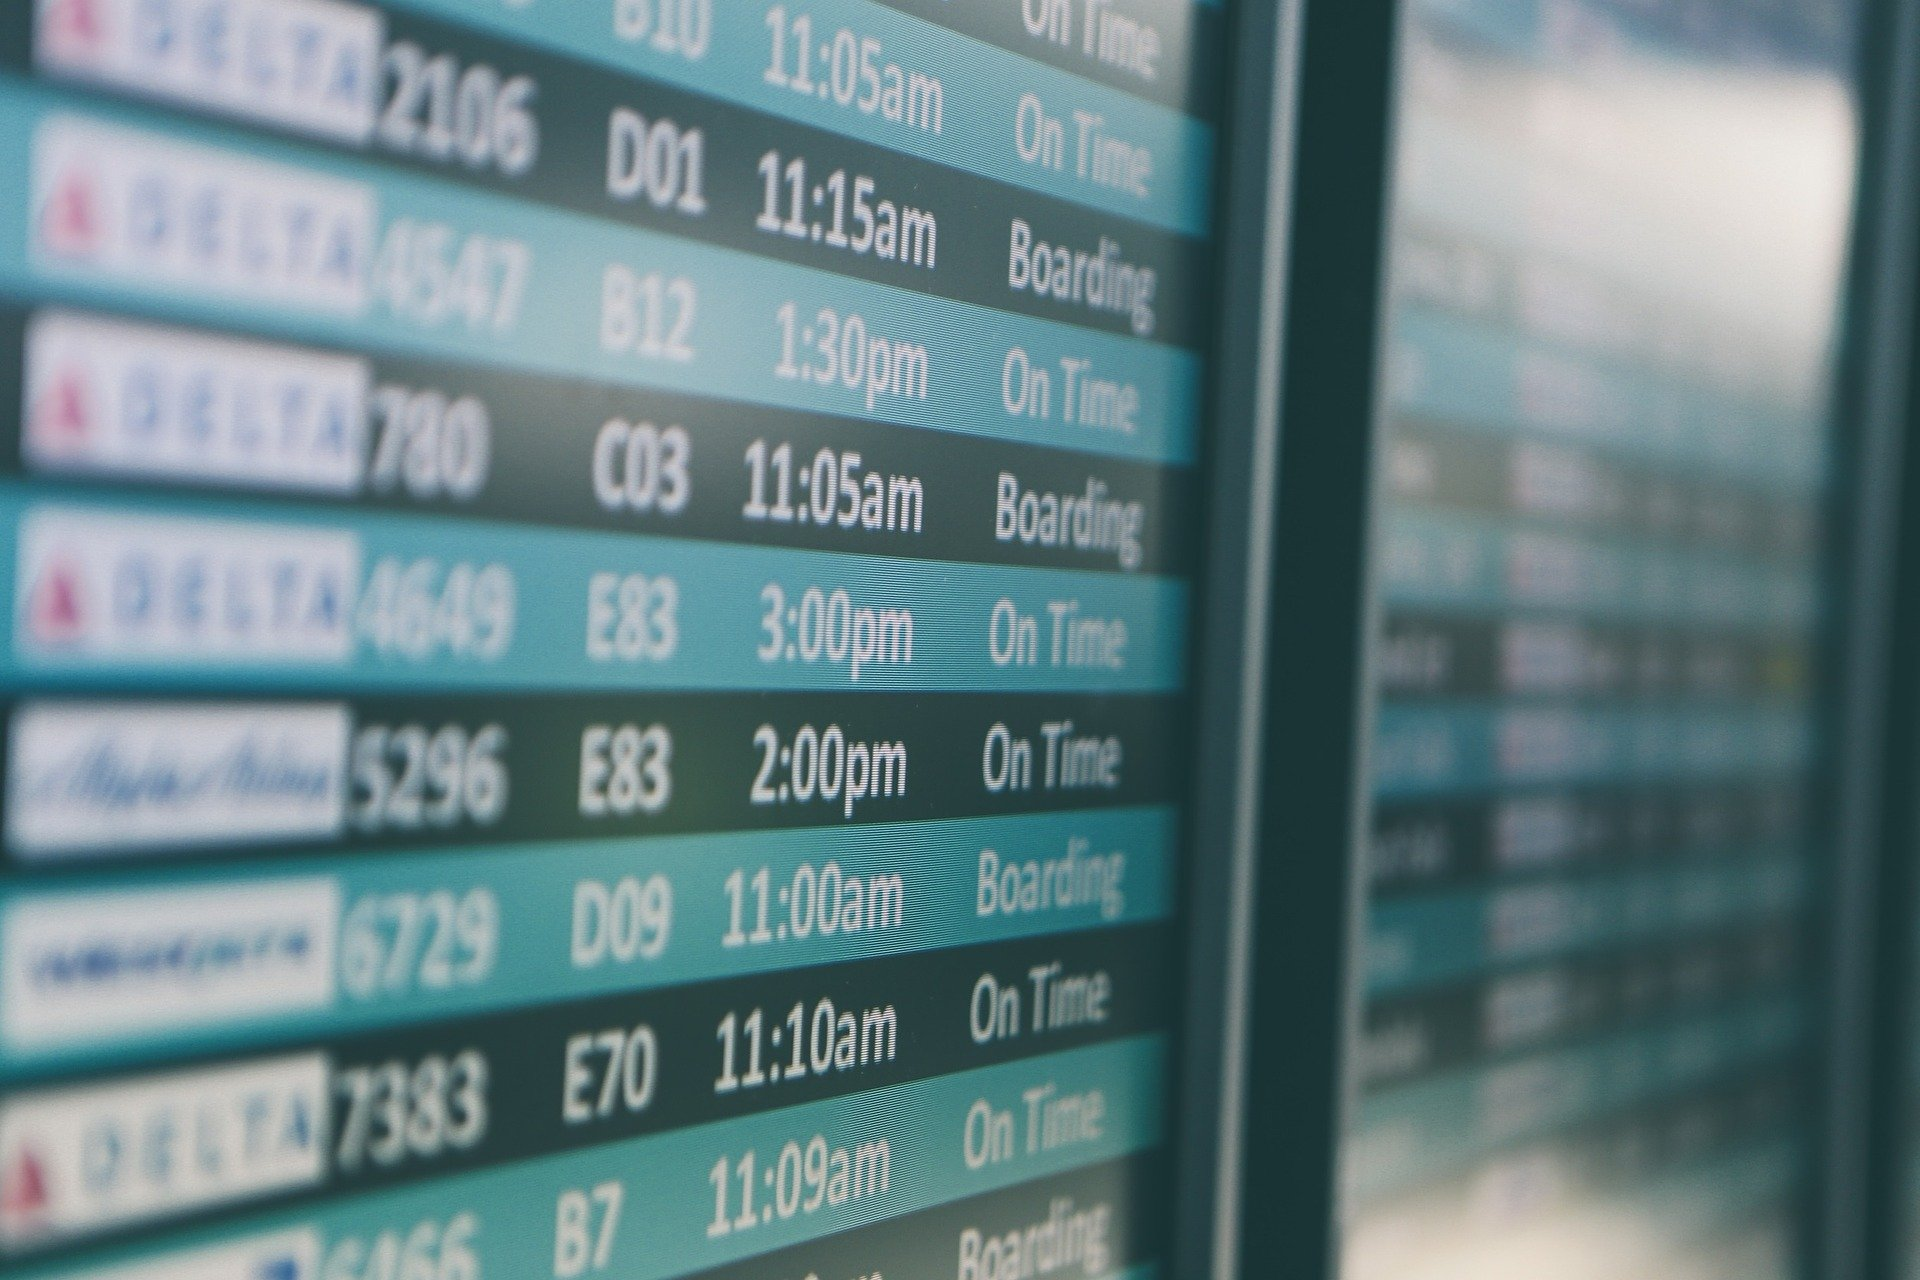 (Nova lei prorroga o prazo para remarcação ou reembolso de viagens e eventos; consumidores têm até dezembro de 2022 para solicitar mudanças. Foto: Reprodução/Pixabay)